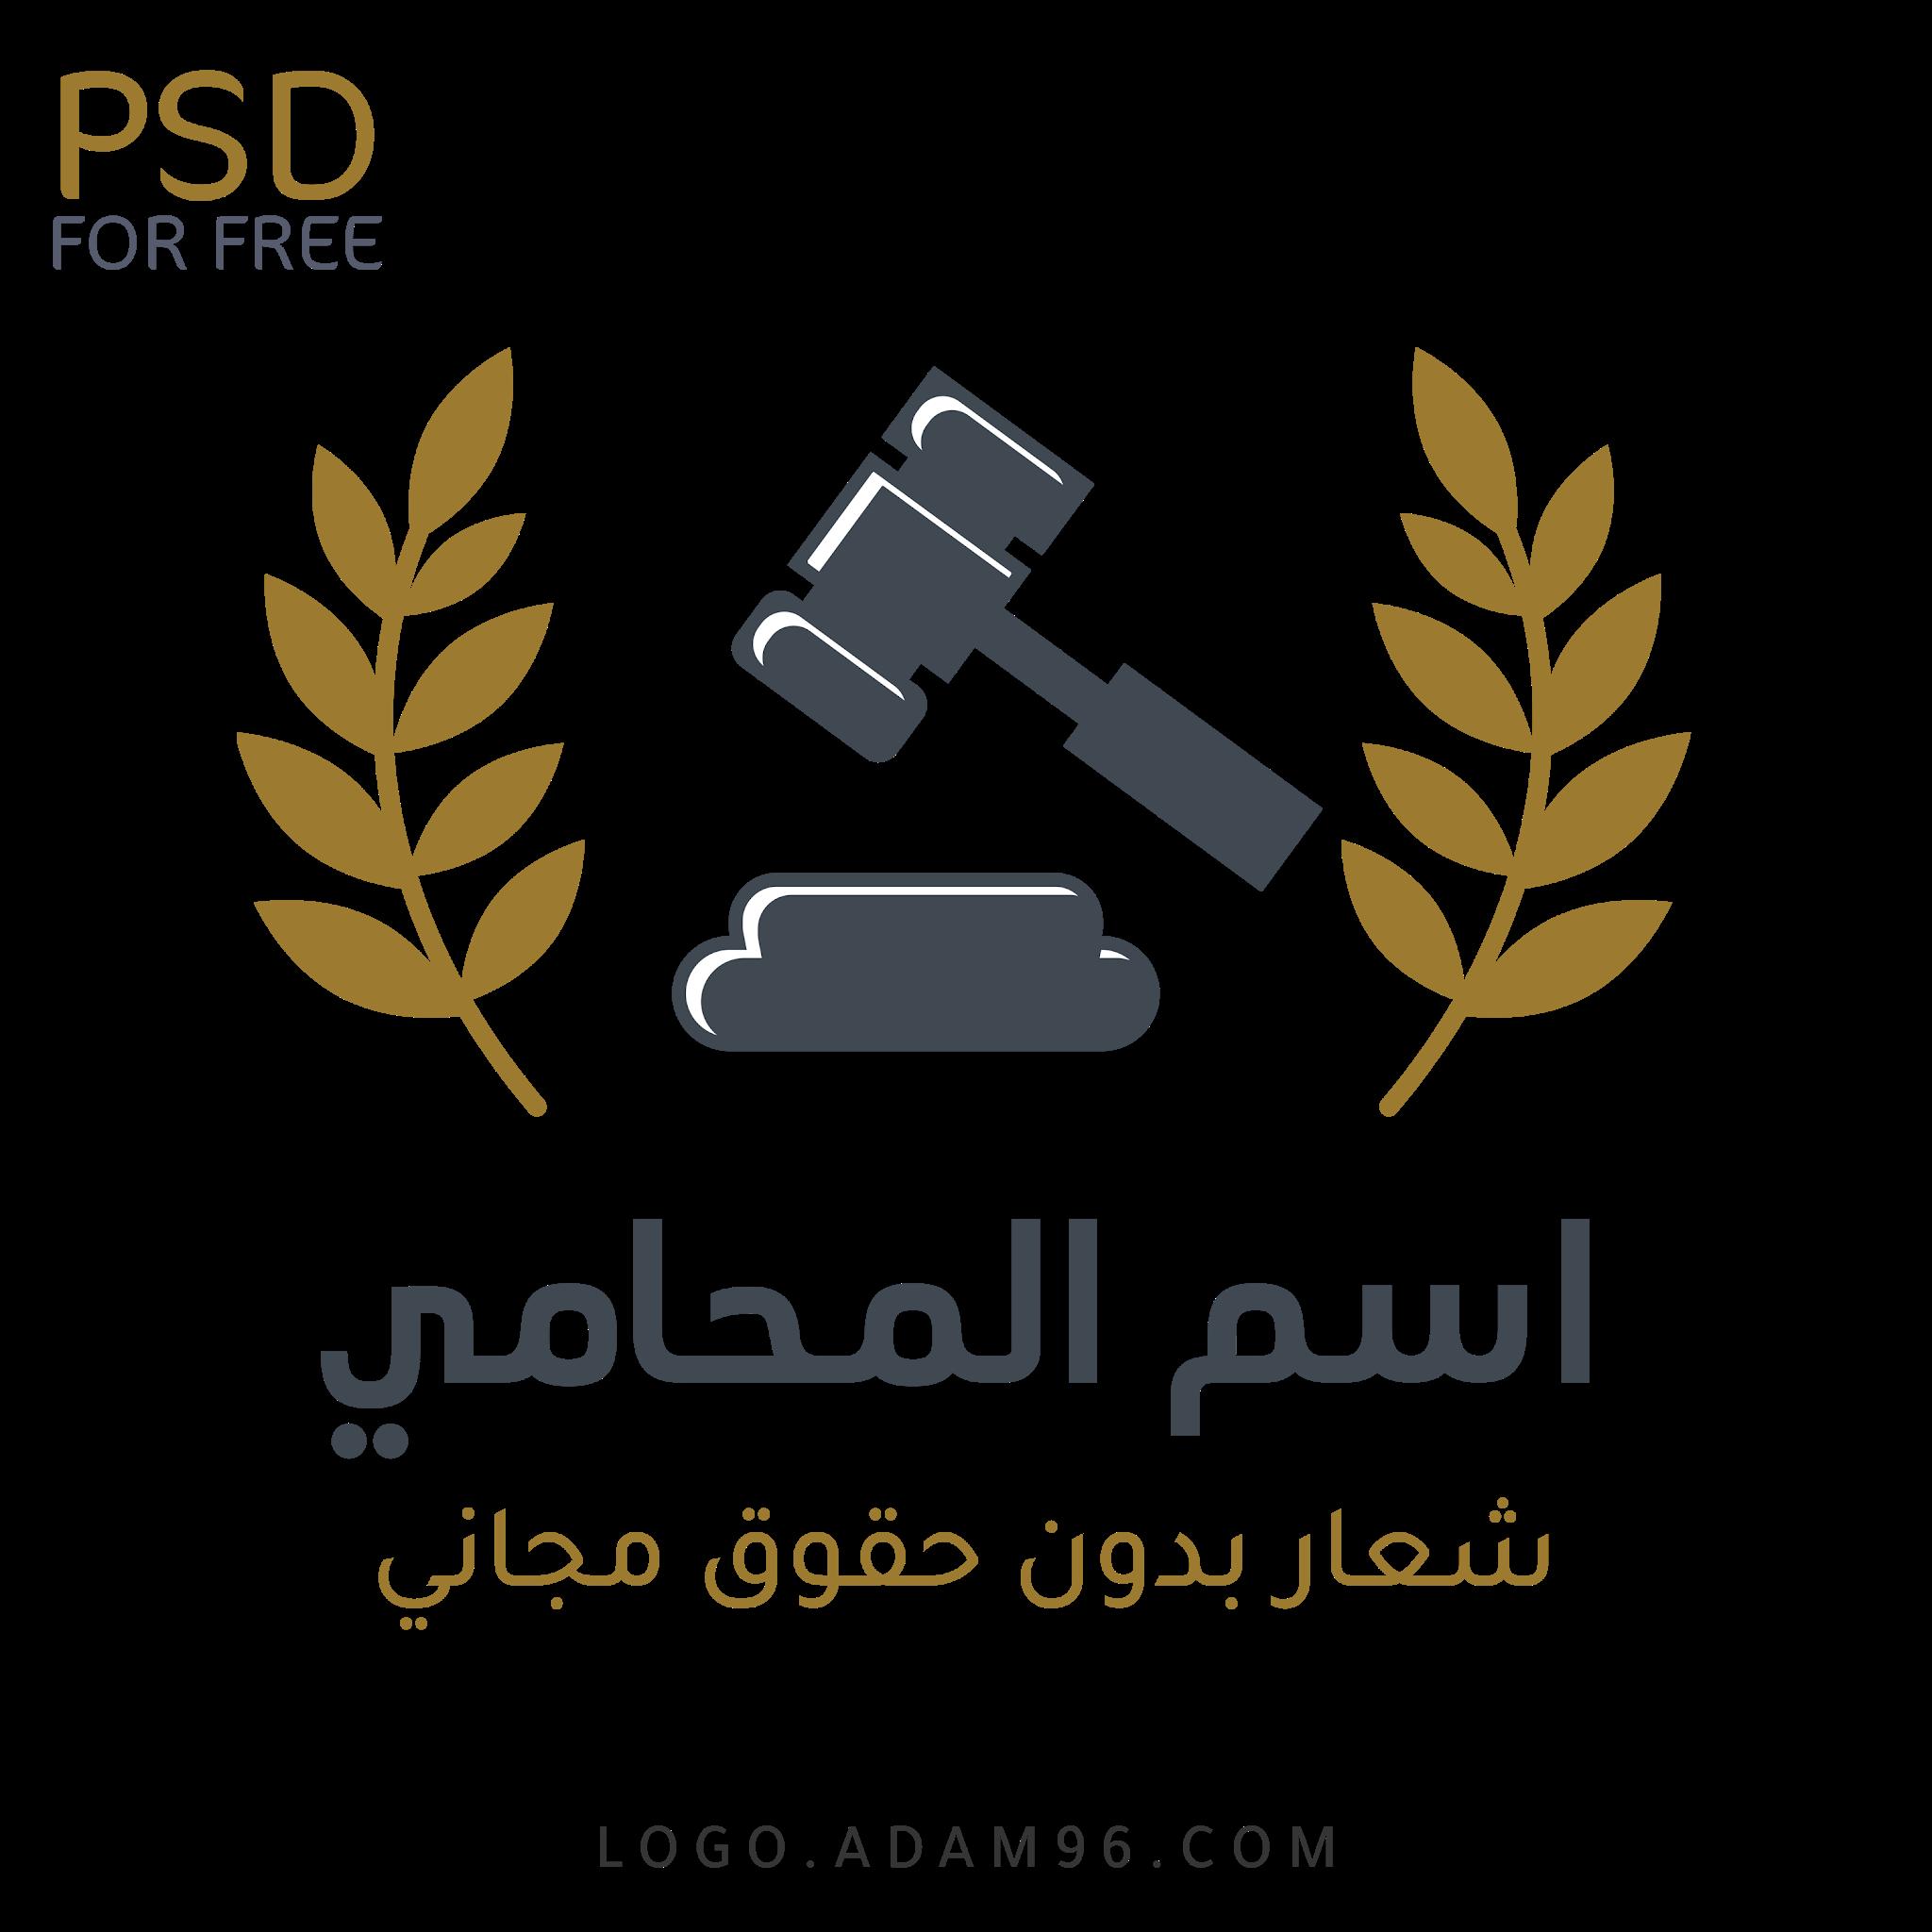 تحميل شعار محامي بصيغة PSD للاستخدام المجاني بدون حقوق